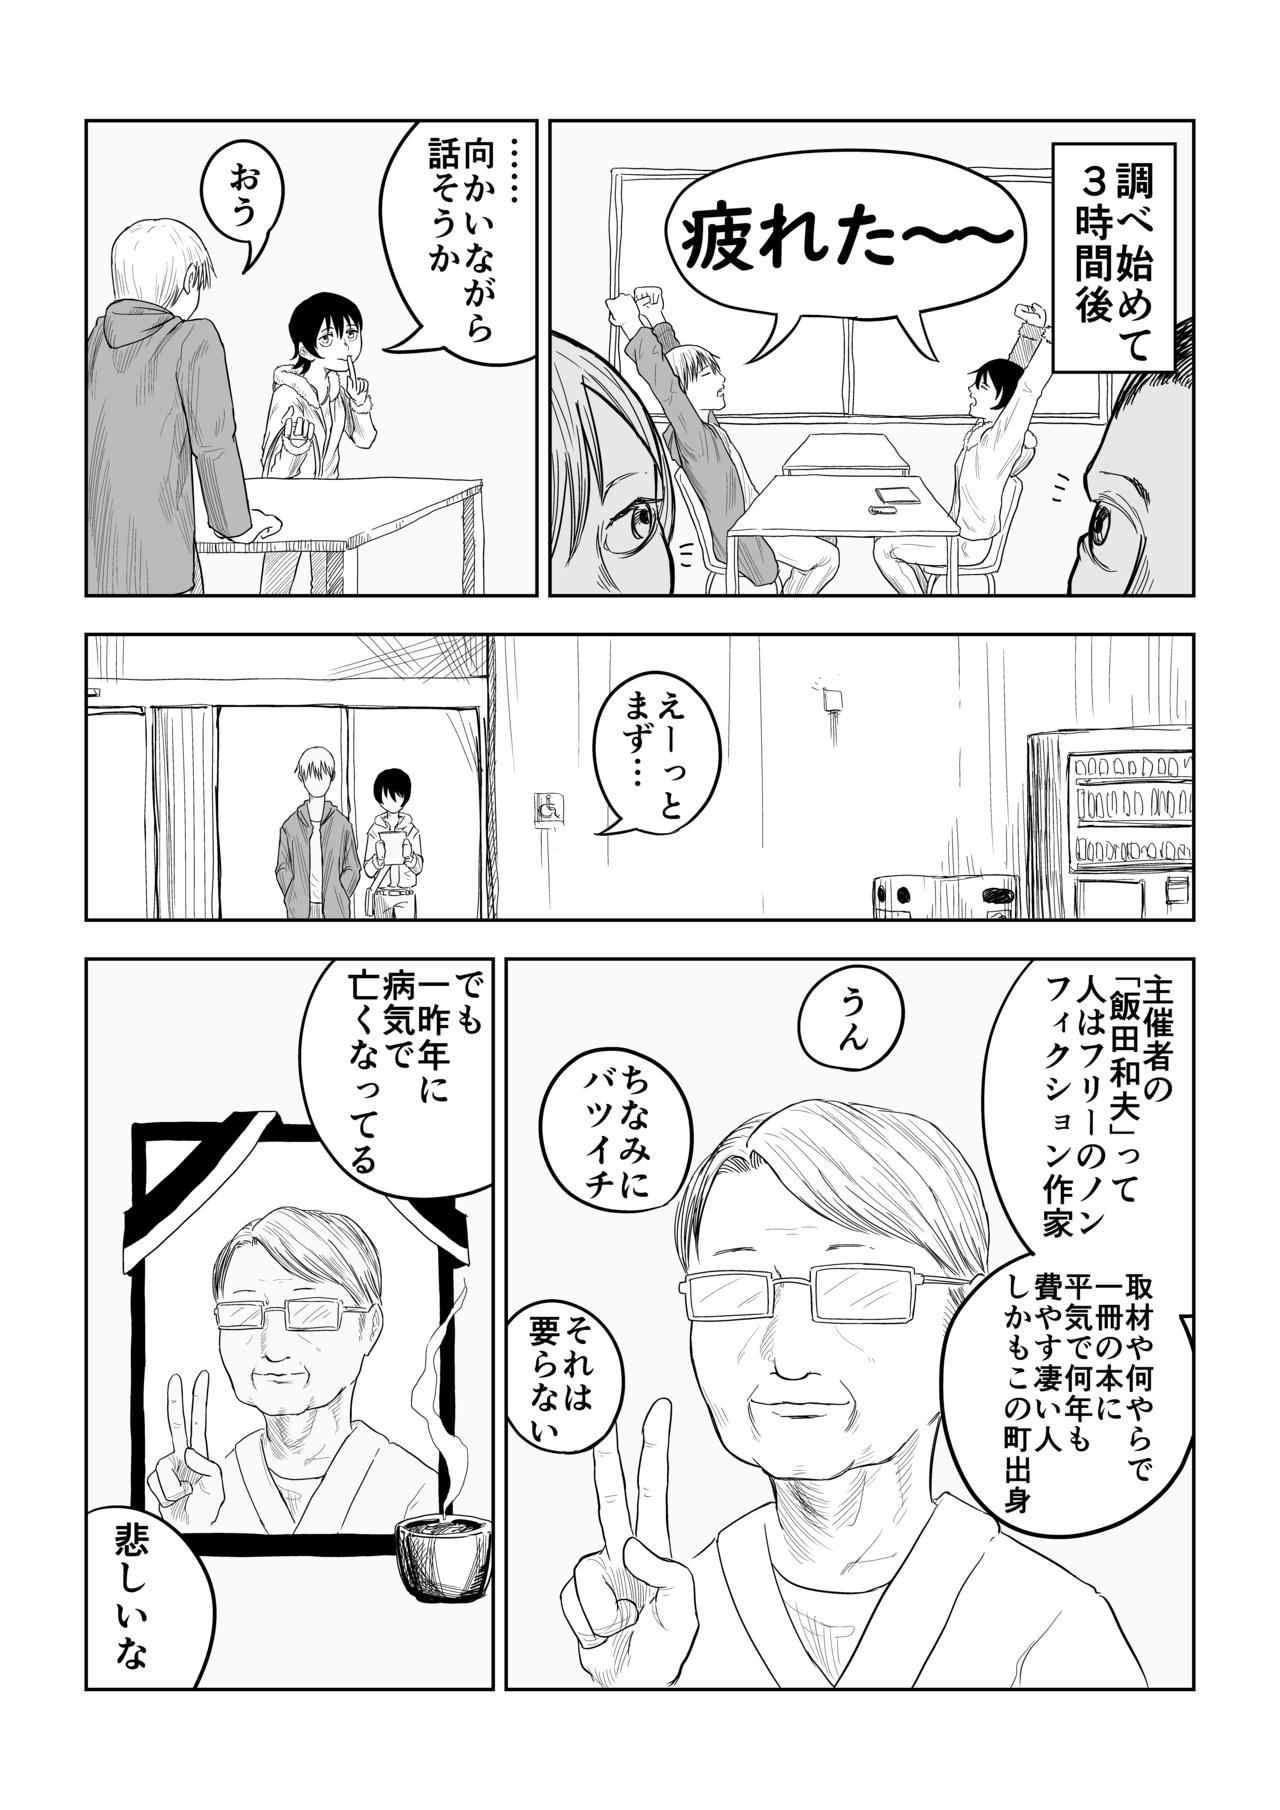 四角い円柱_3話_011